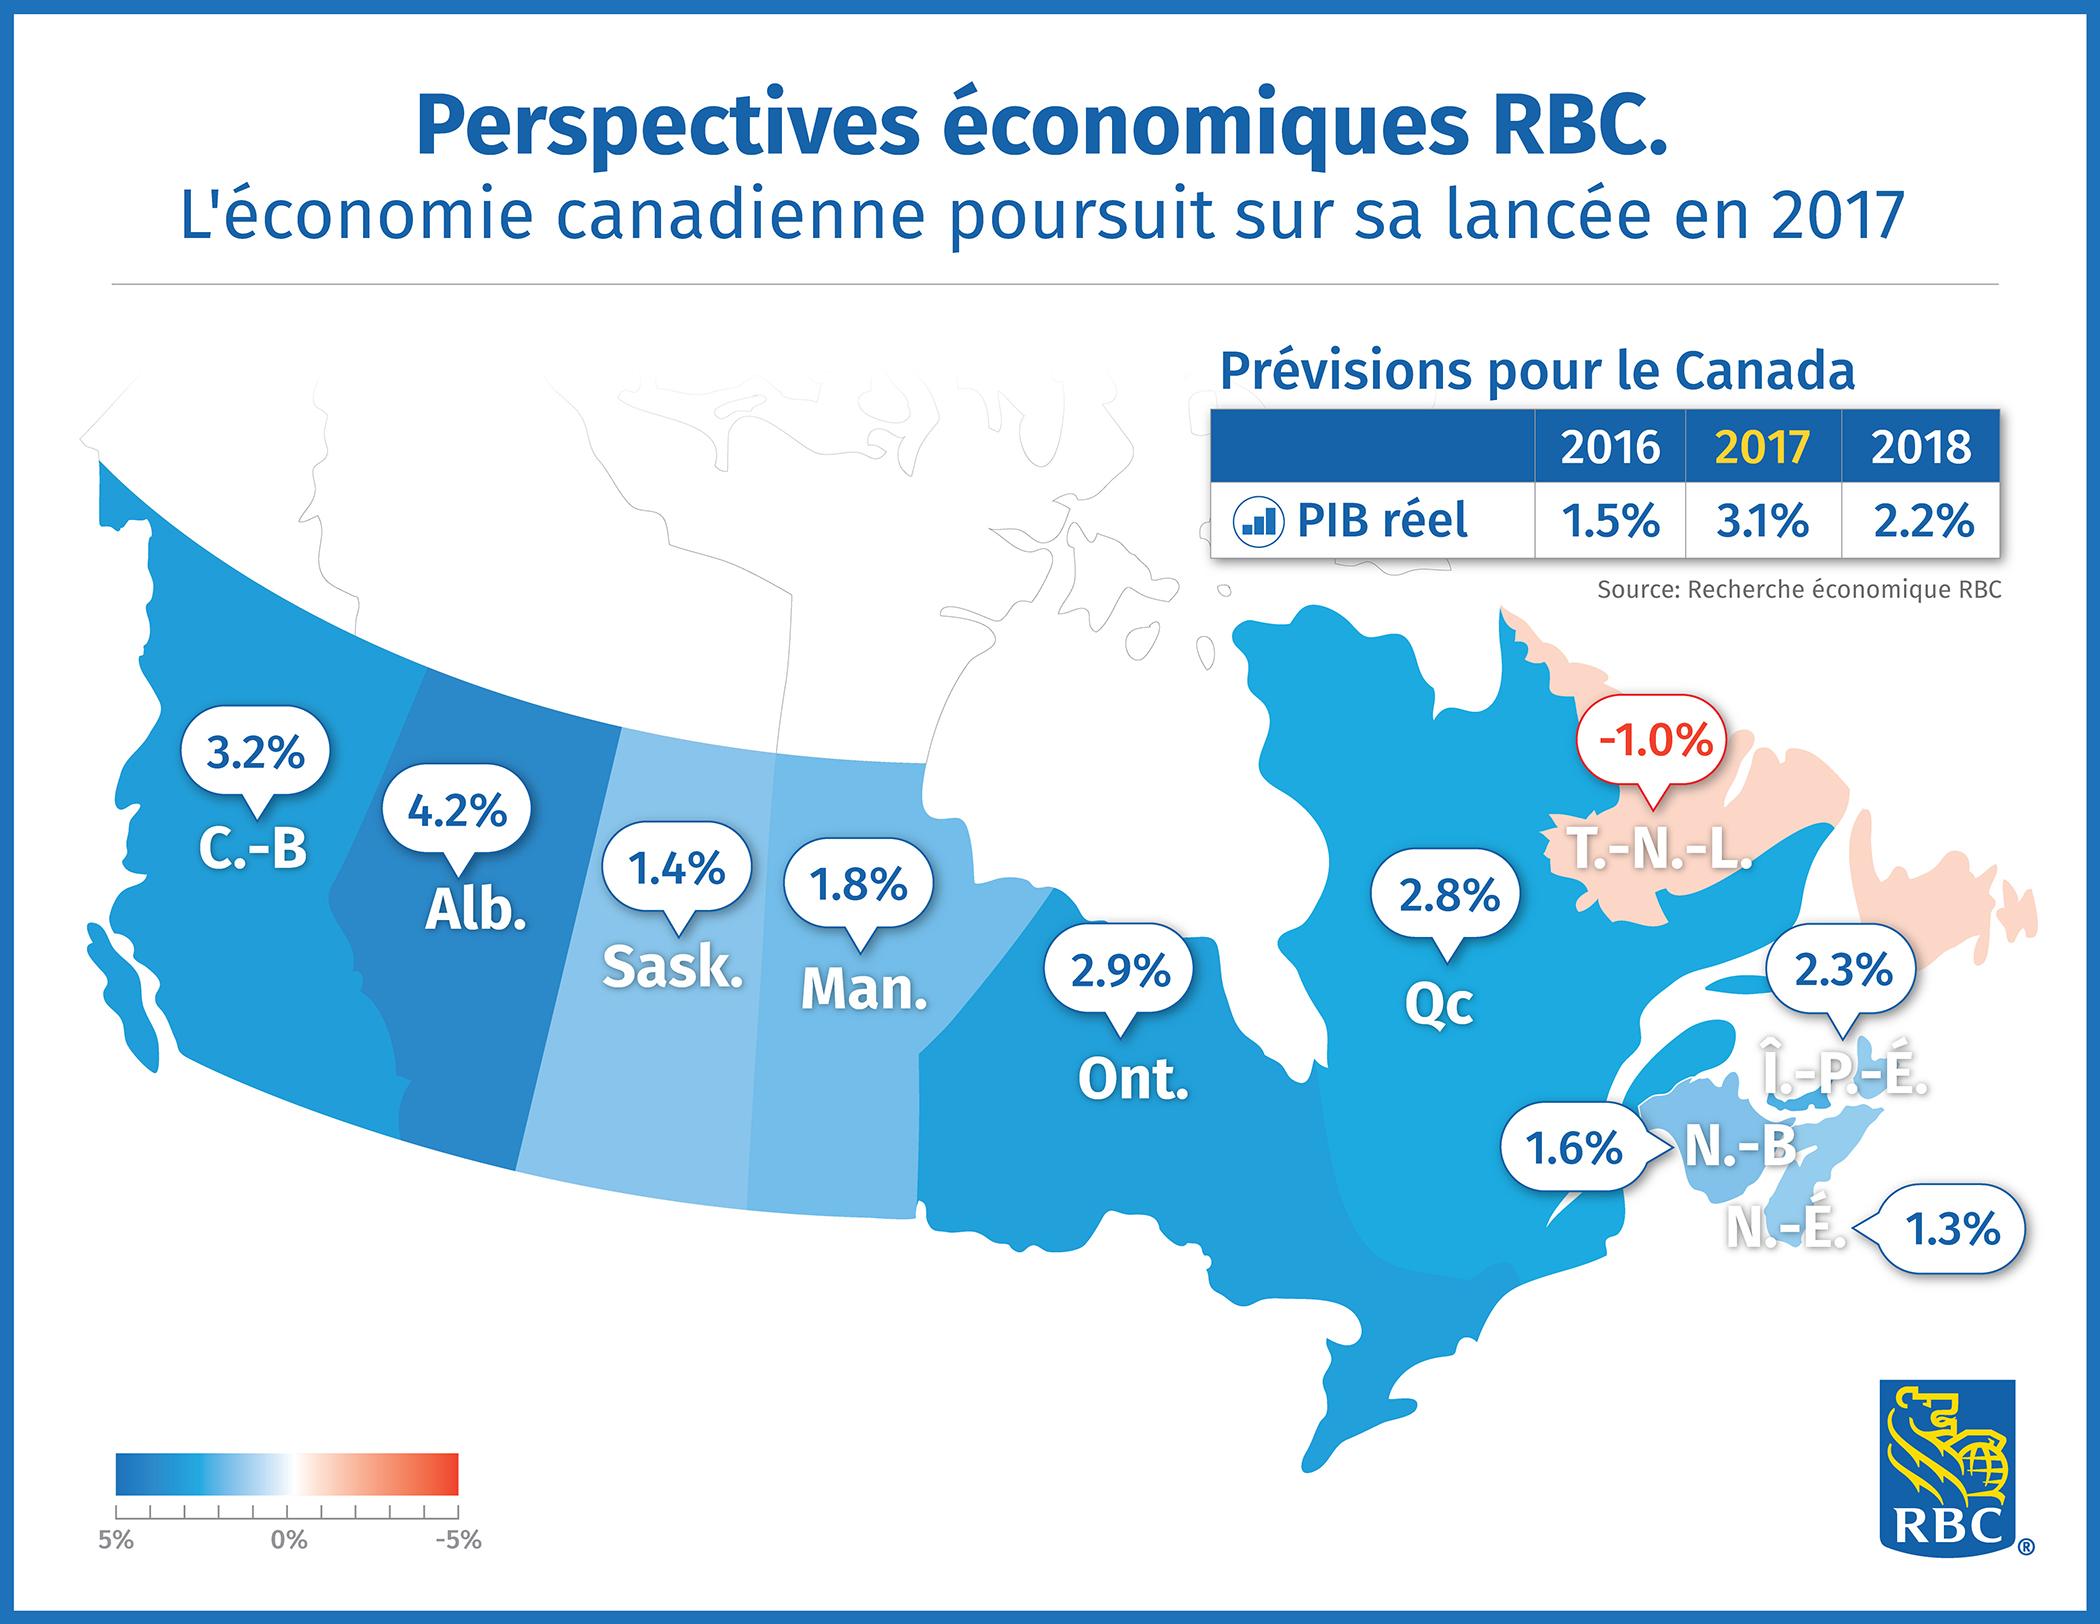 L'eacute;conomie canadienne poursuit sur sa lancée en 2017